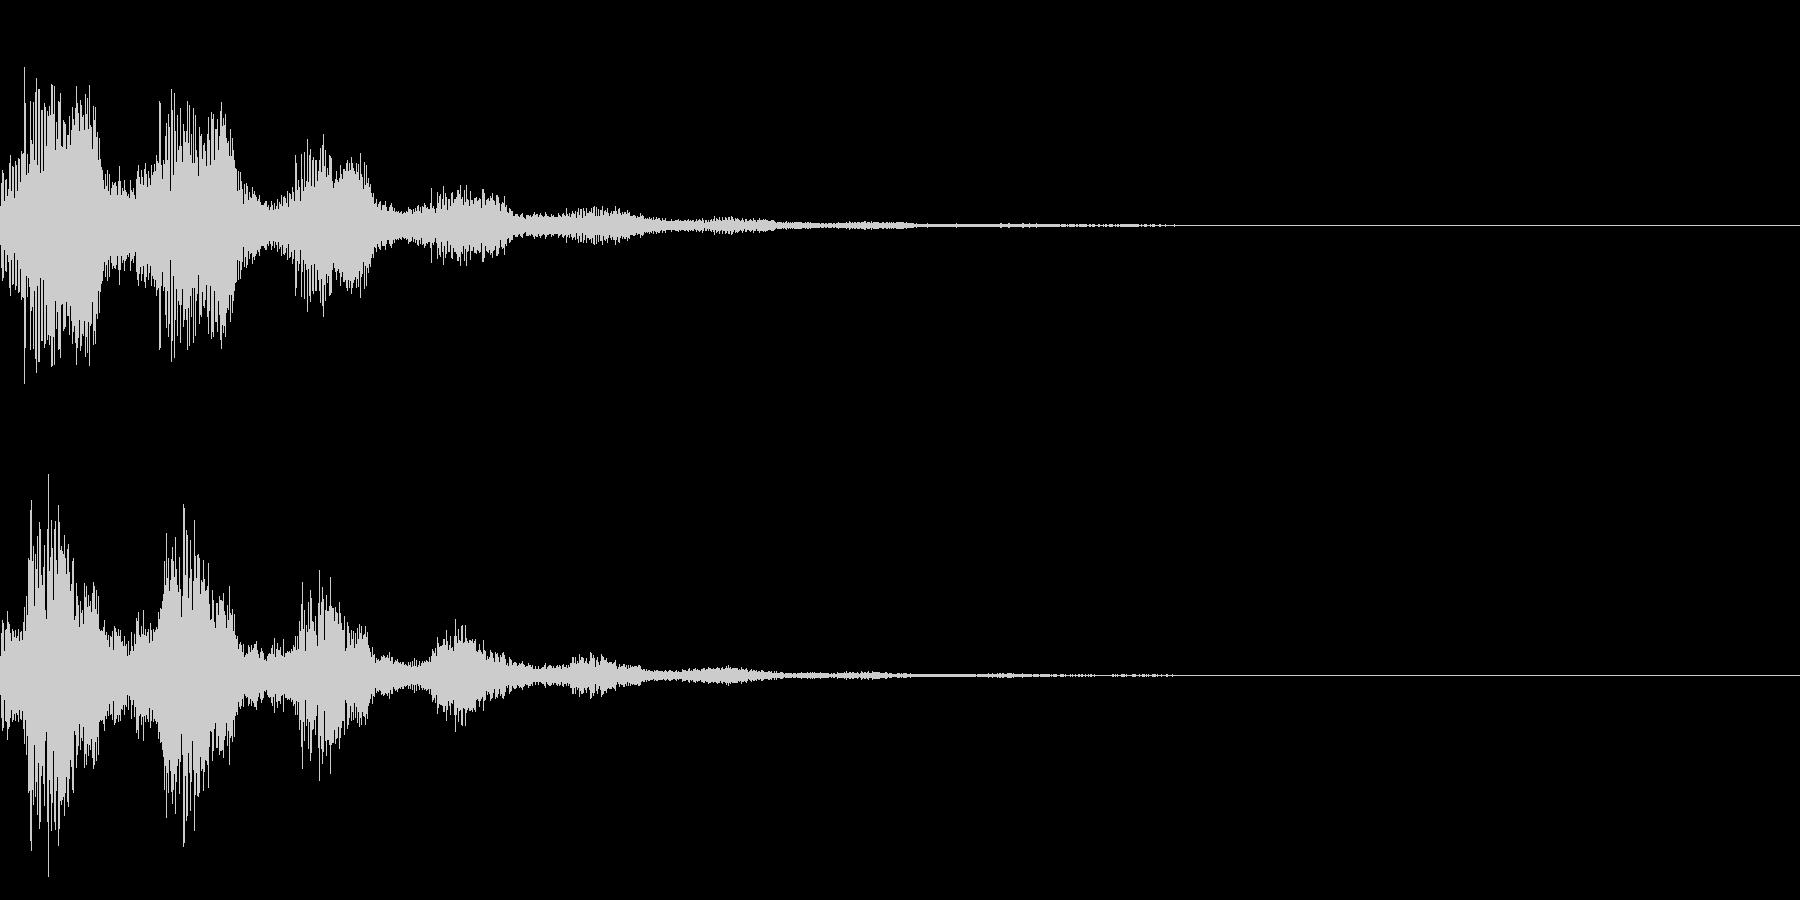 サウンドロゴ42_シンセの未再生の波形